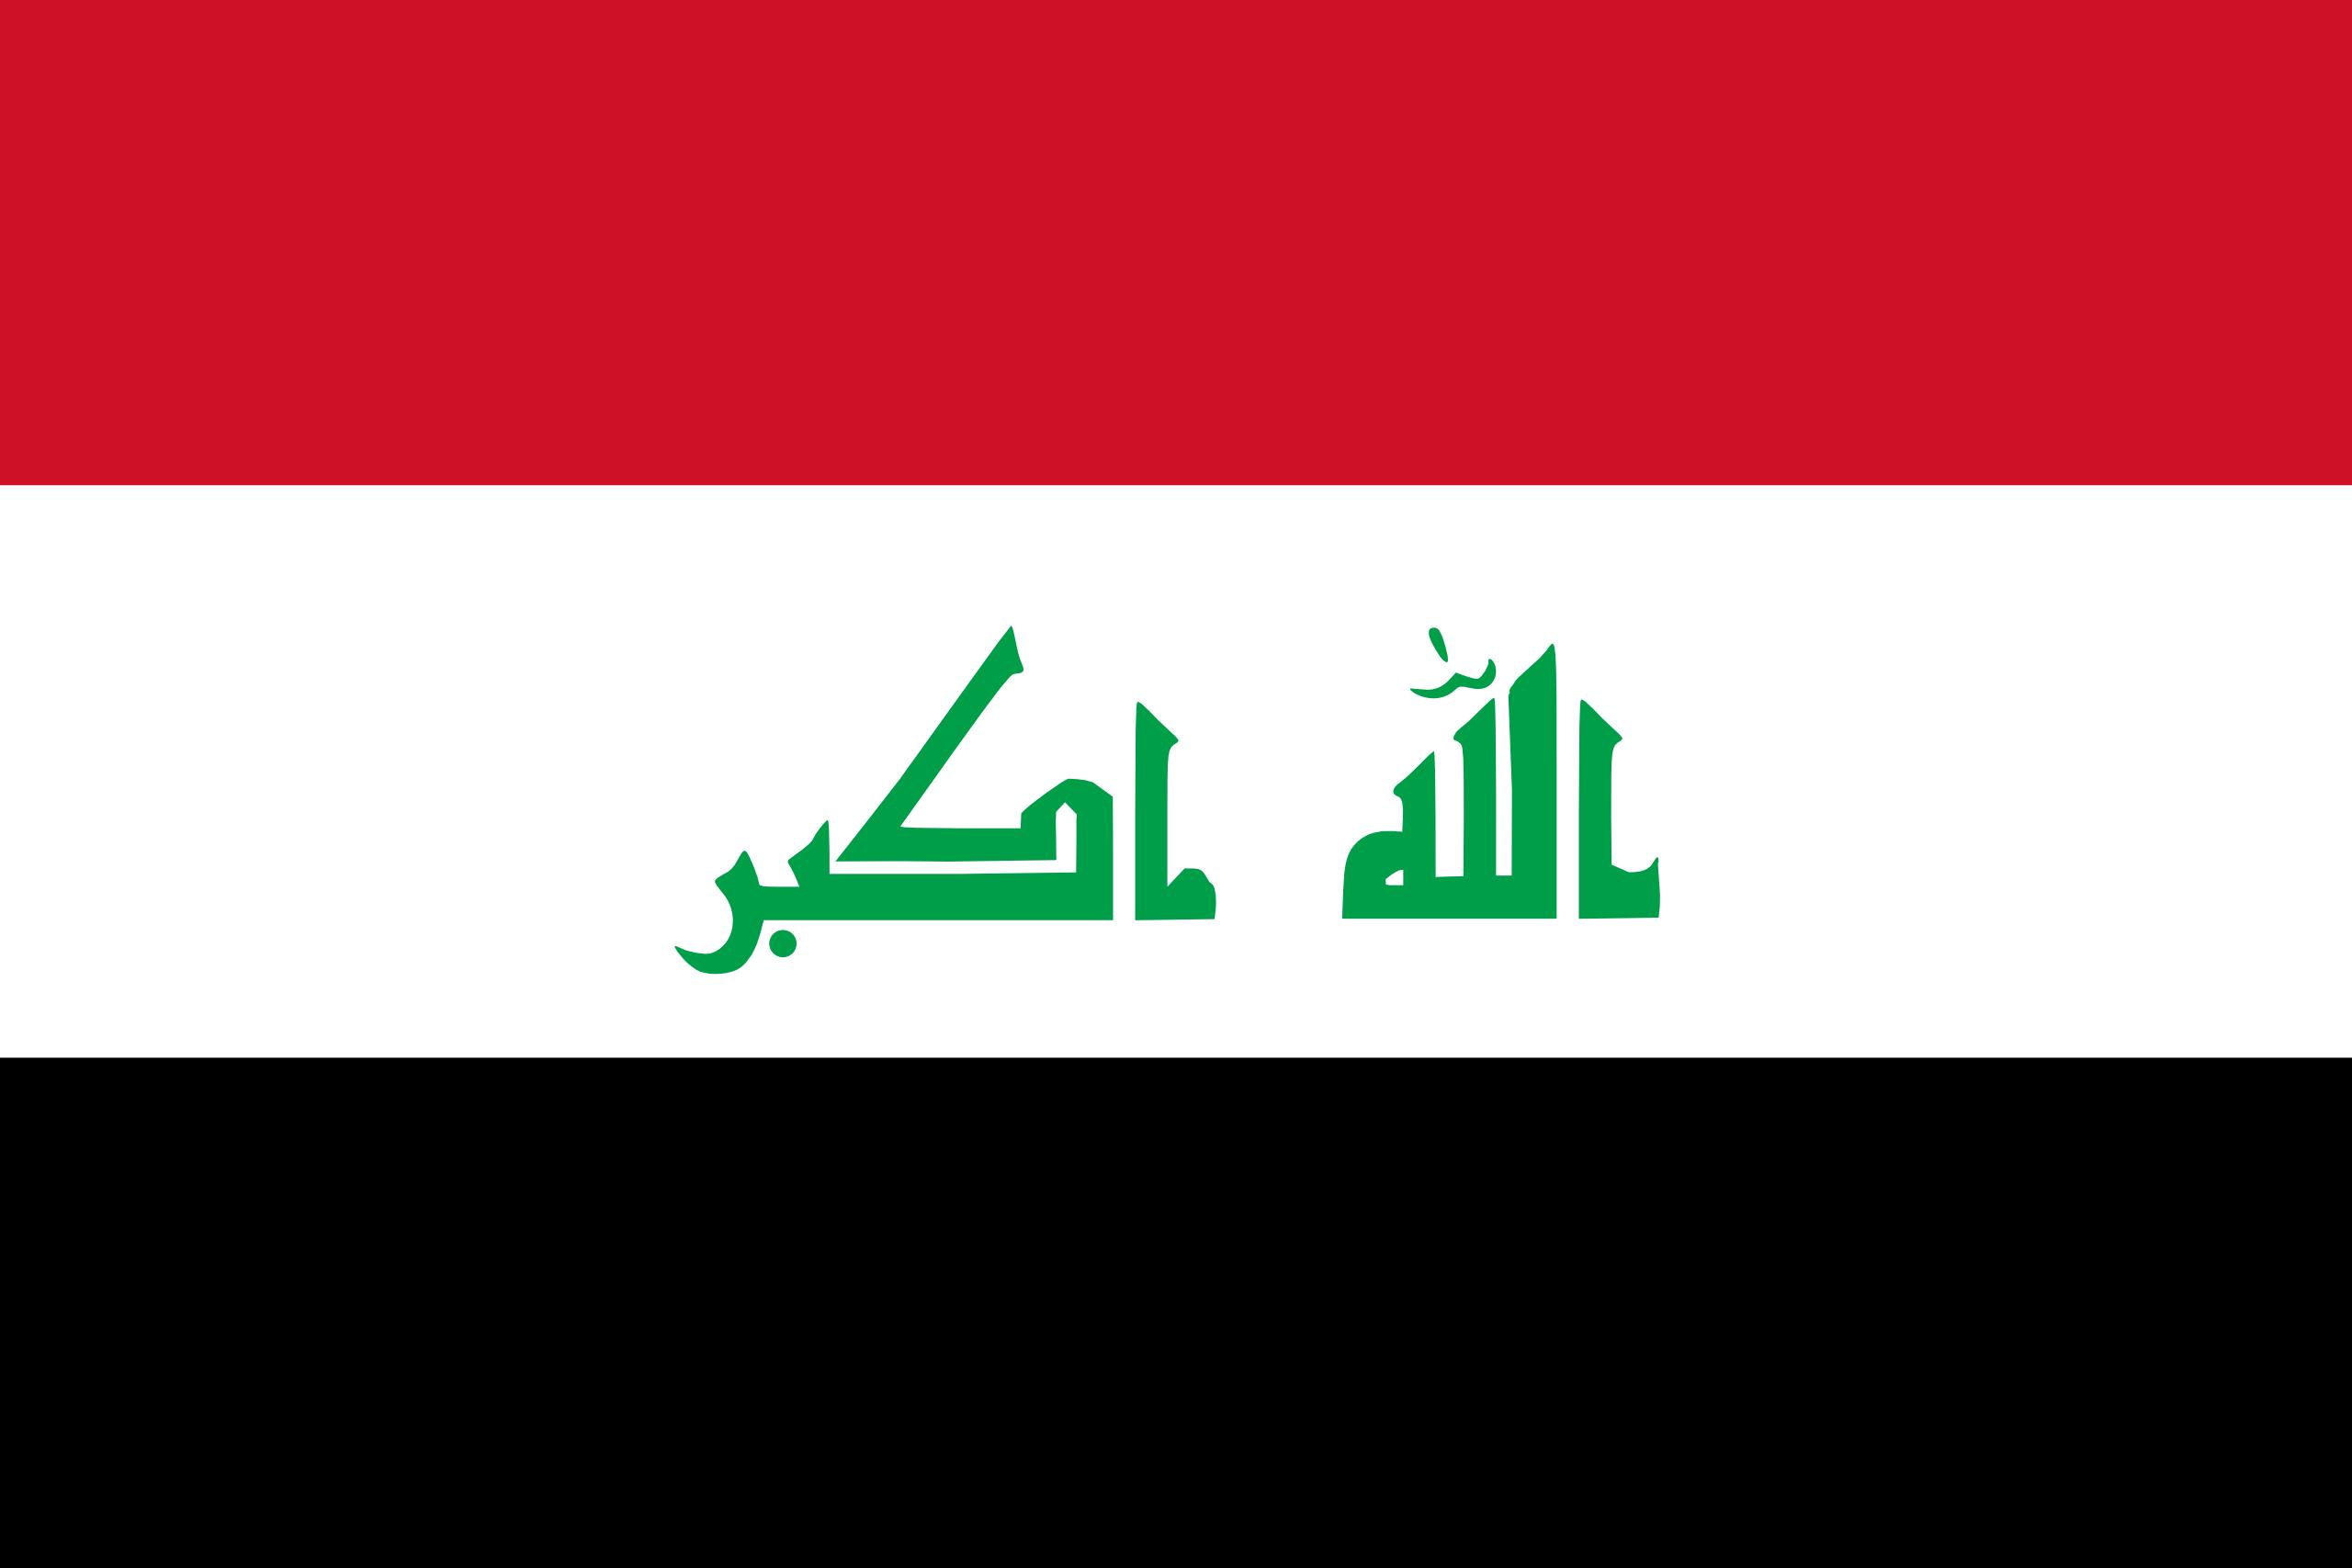 iraq, χώρα, έμβλημα, λογότυπο, σύμβολο - Wallpapers HD - Professor-falken.com